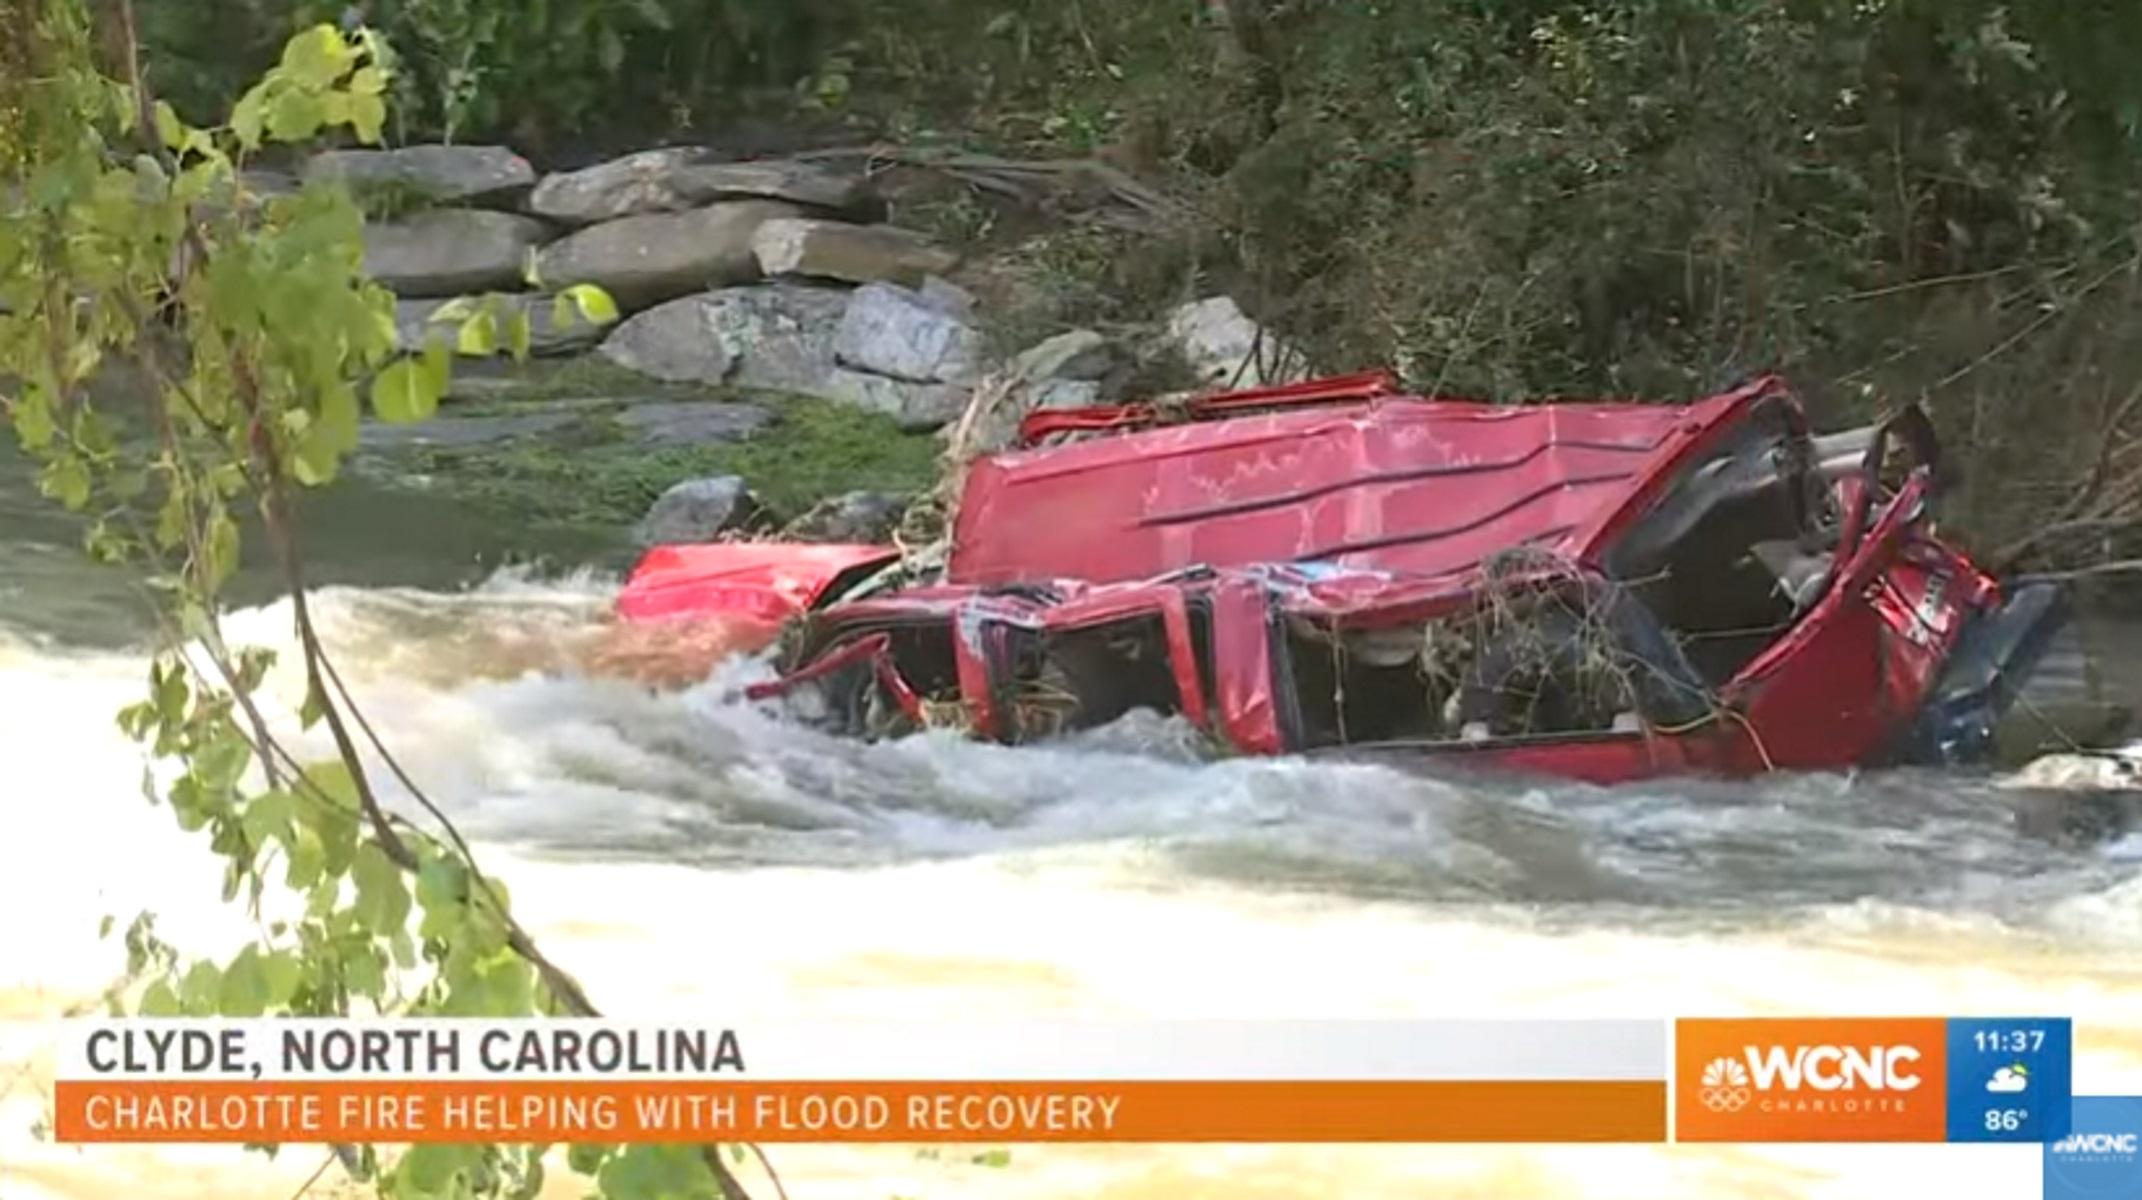 Τουλάχιστον 2 νεκροί και 20 αγνοούμενοι από τις πλημμύρες στις Βόρεια Καρολίνα